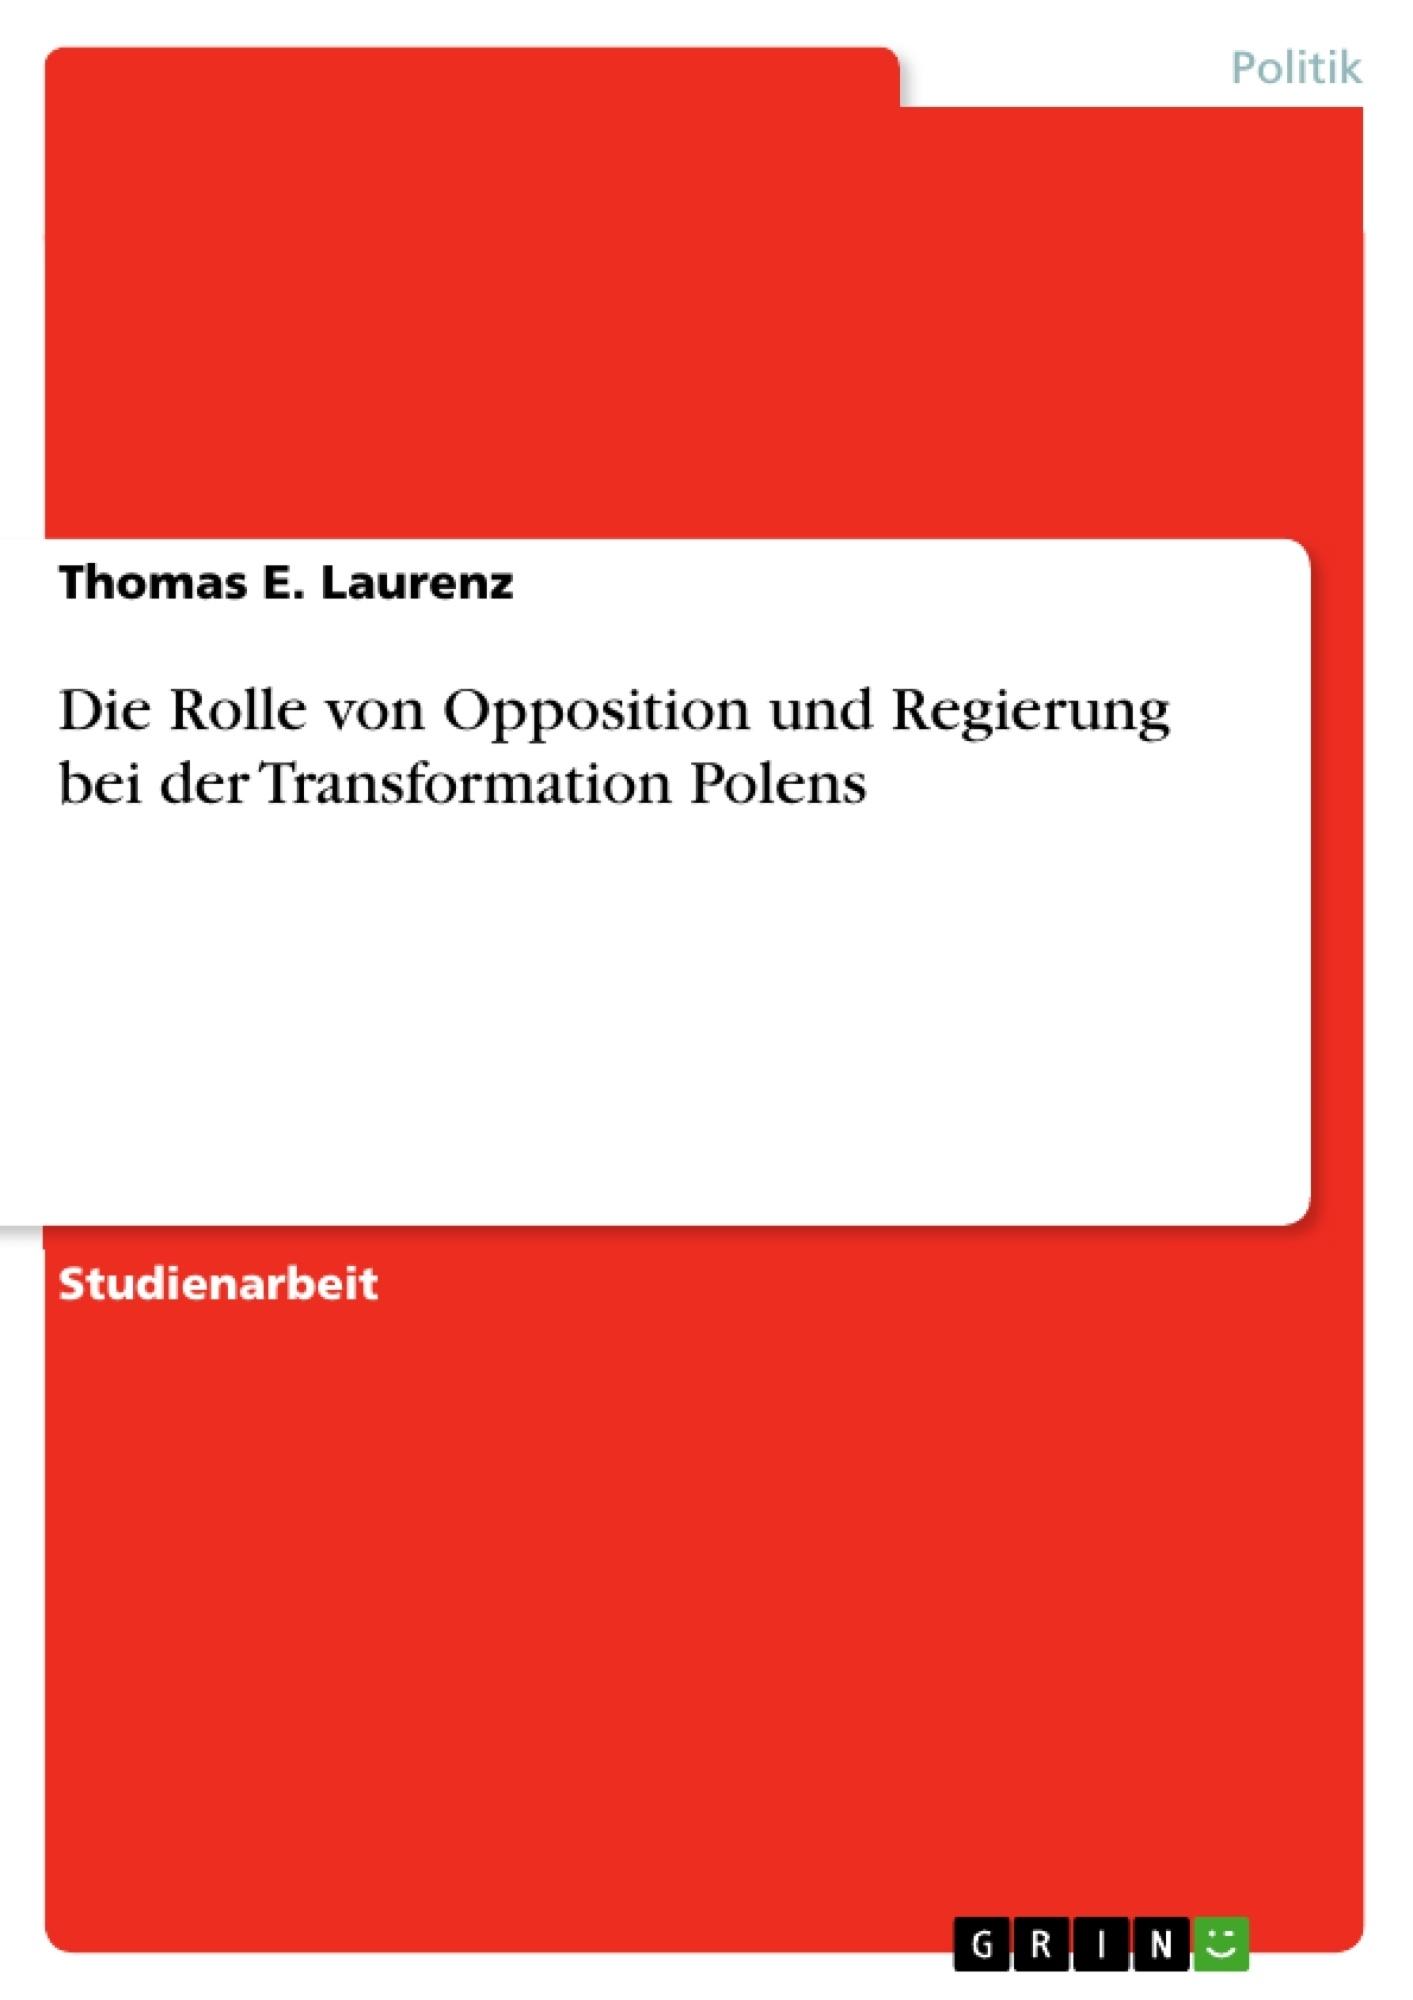 Titel: Die Rolle von Opposition und Regierung bei der Transformation Polens